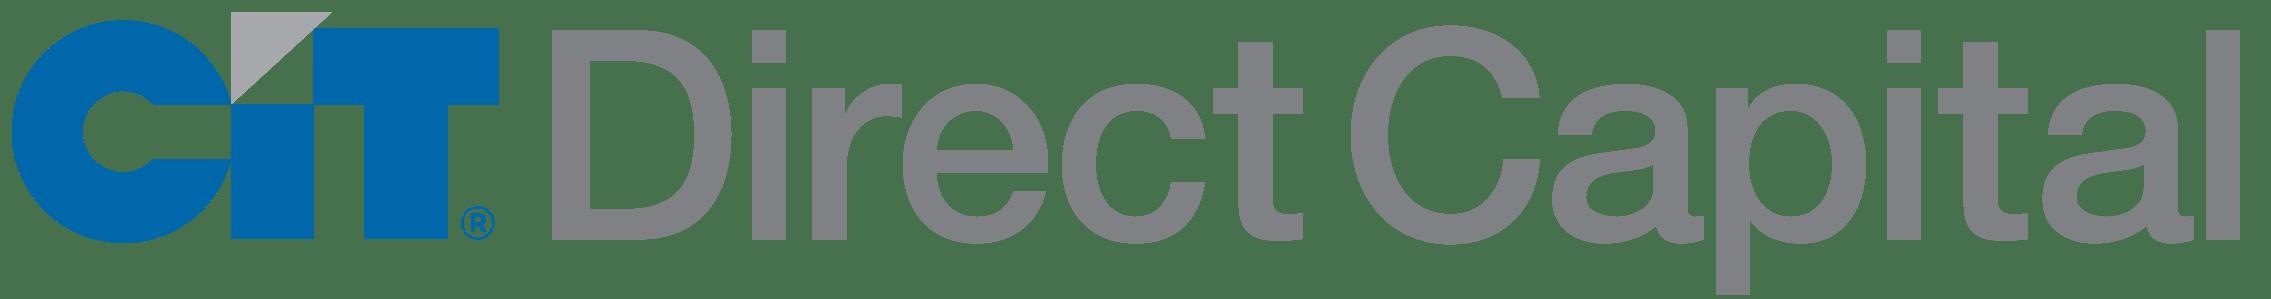 CIT-DCC_Horizontal_COLOR_Logo